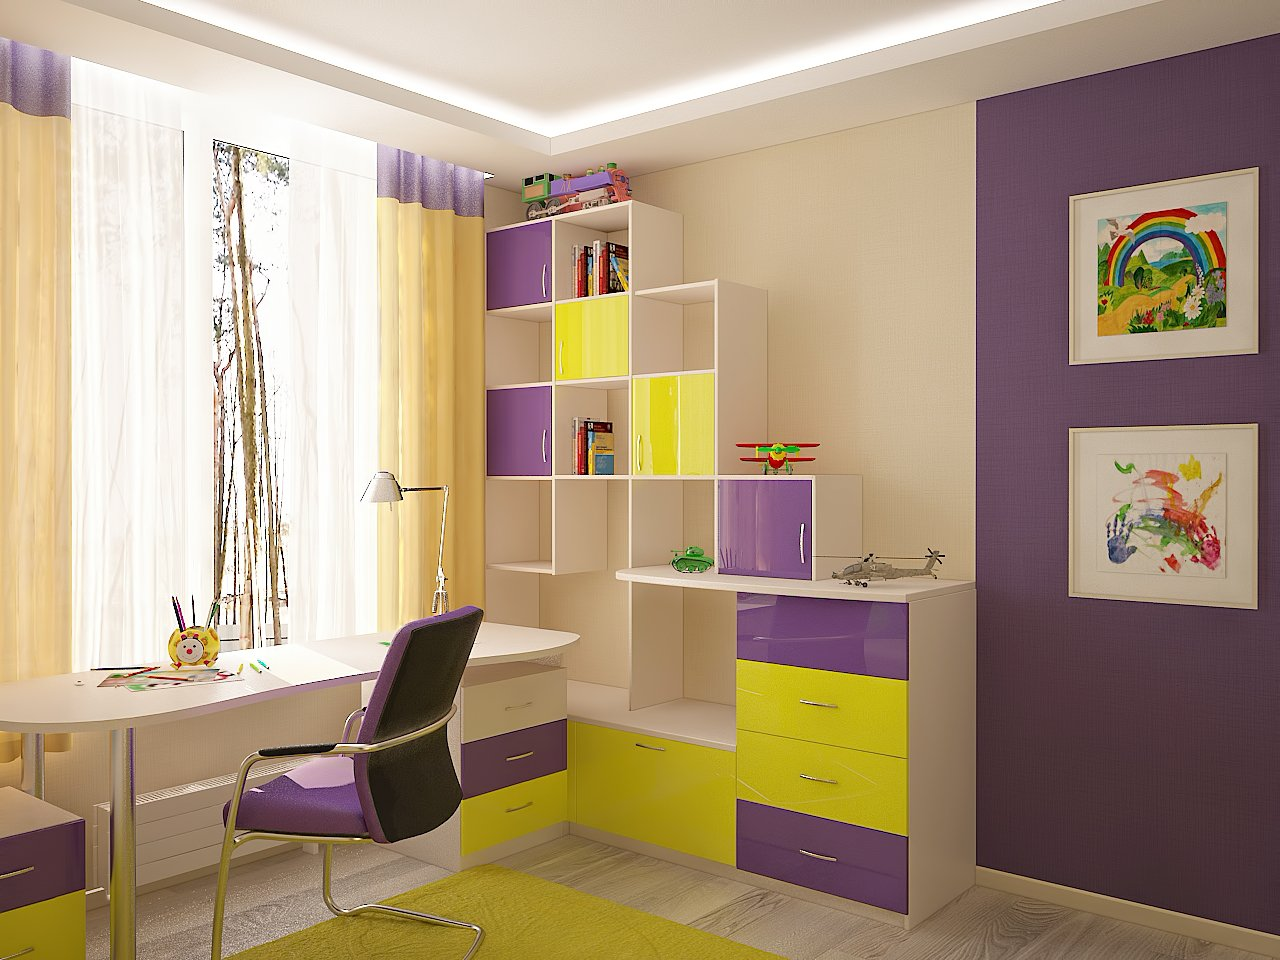 Дизайн детской комнаты Киев современный стиль, рабочее место